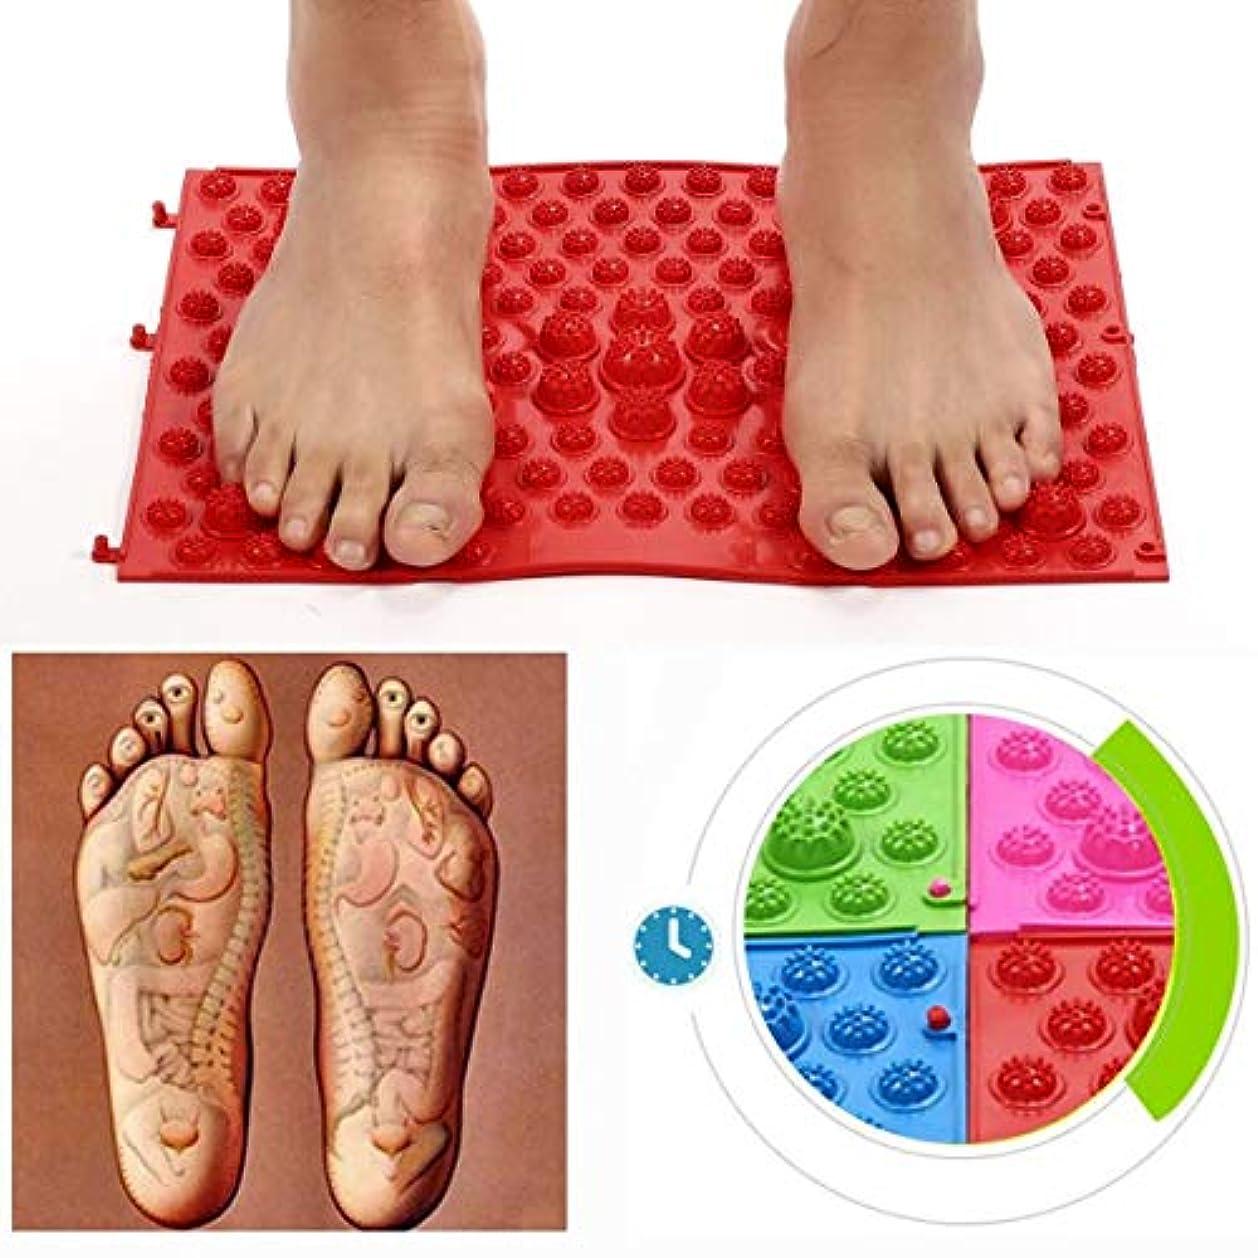 生き残ります拒絶する間違いAcupressure Foot Mats Running Man Game Same Type Foot Reflexology Walking Massage Mat for Pain Relief Stress Relief 37x27.5cm